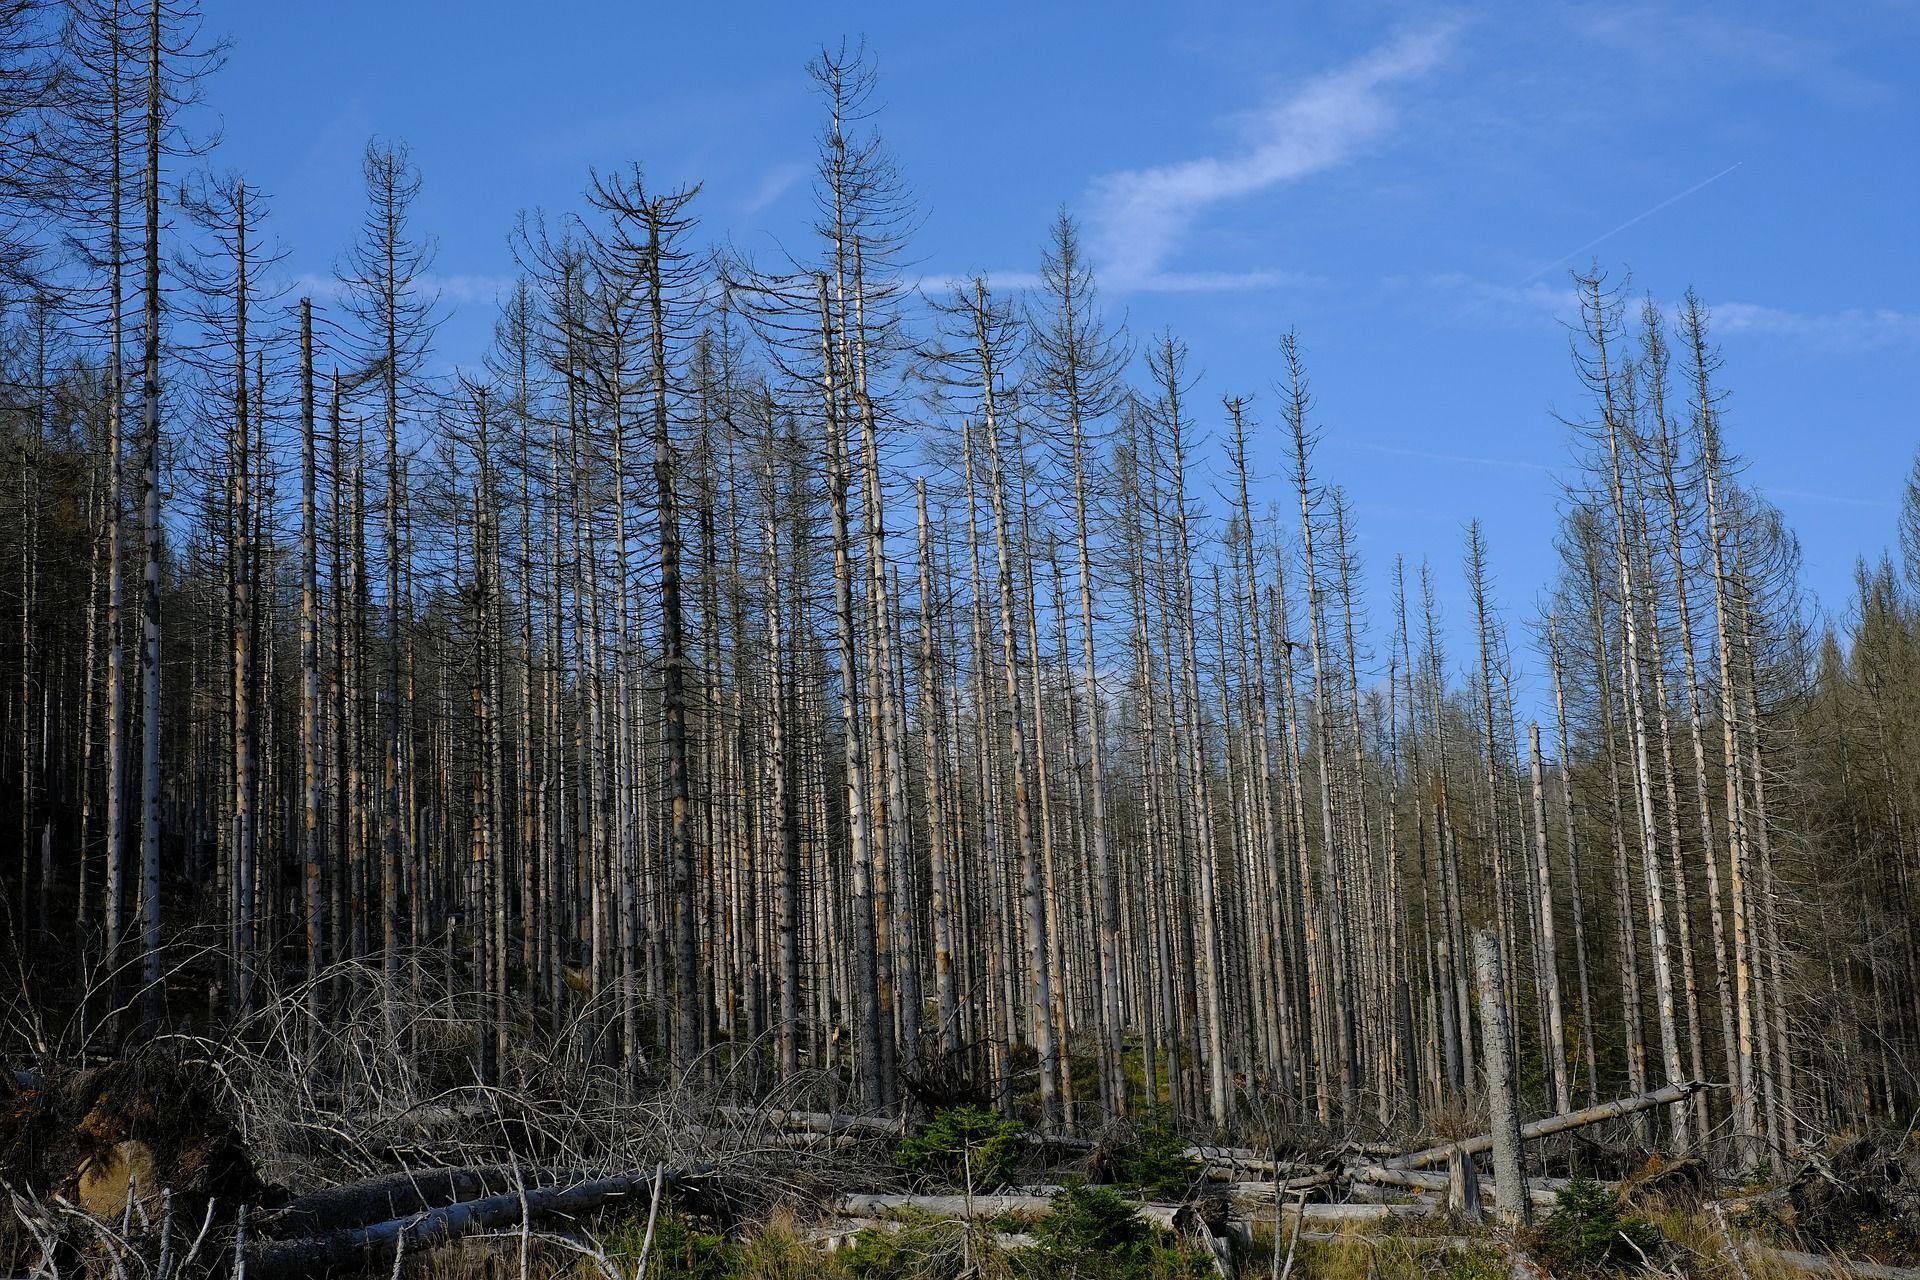 Dem Wald geht's schlechter als gedacht